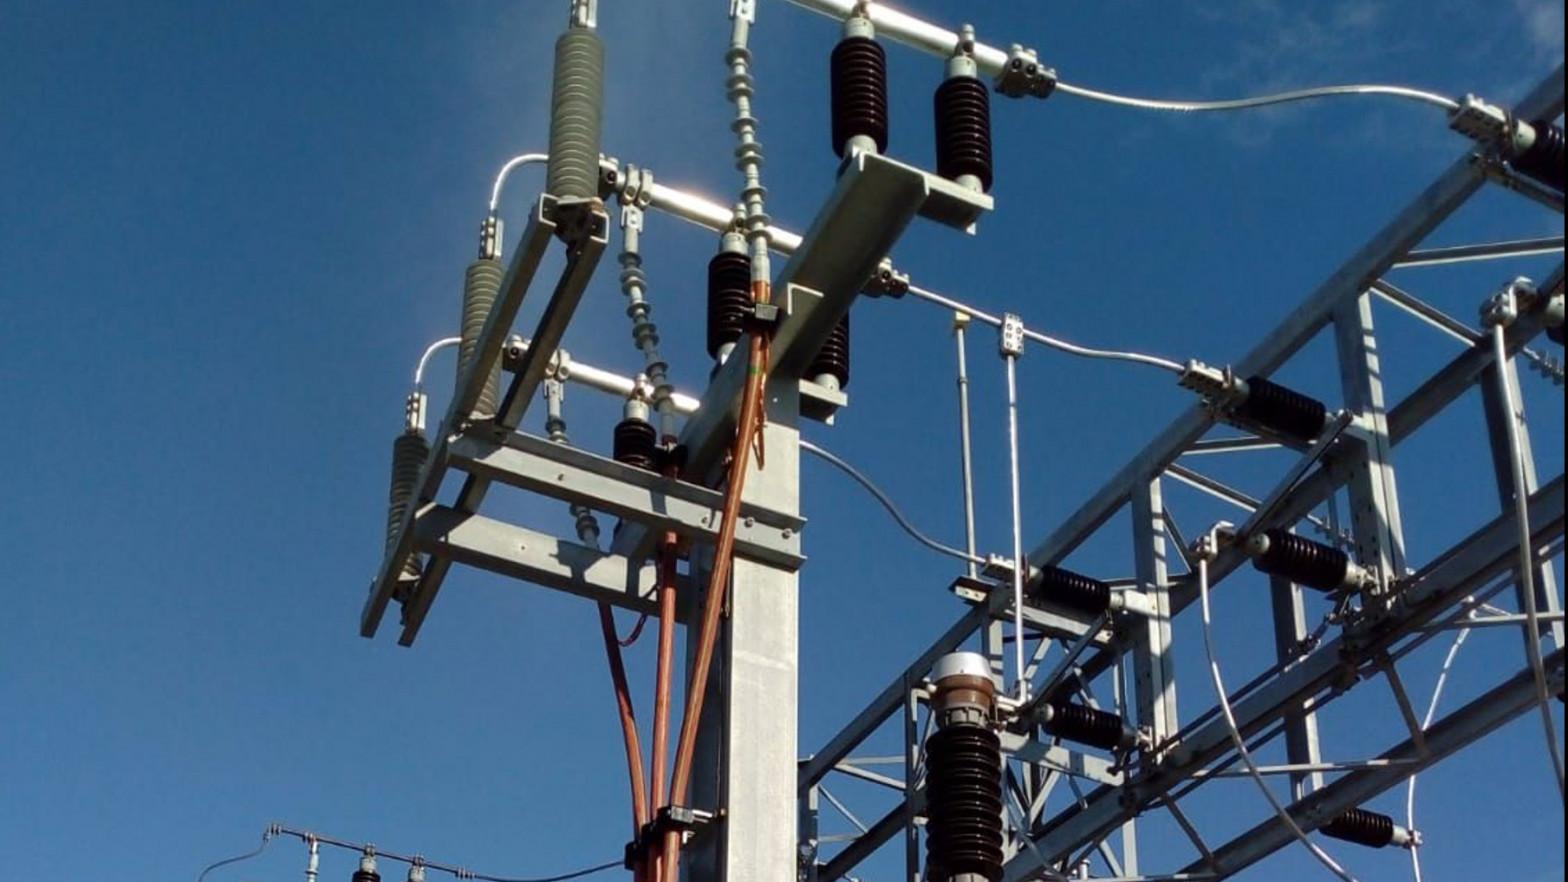 La Justicia europea avala el impuesto sobre la producción de energía eléctrica de España